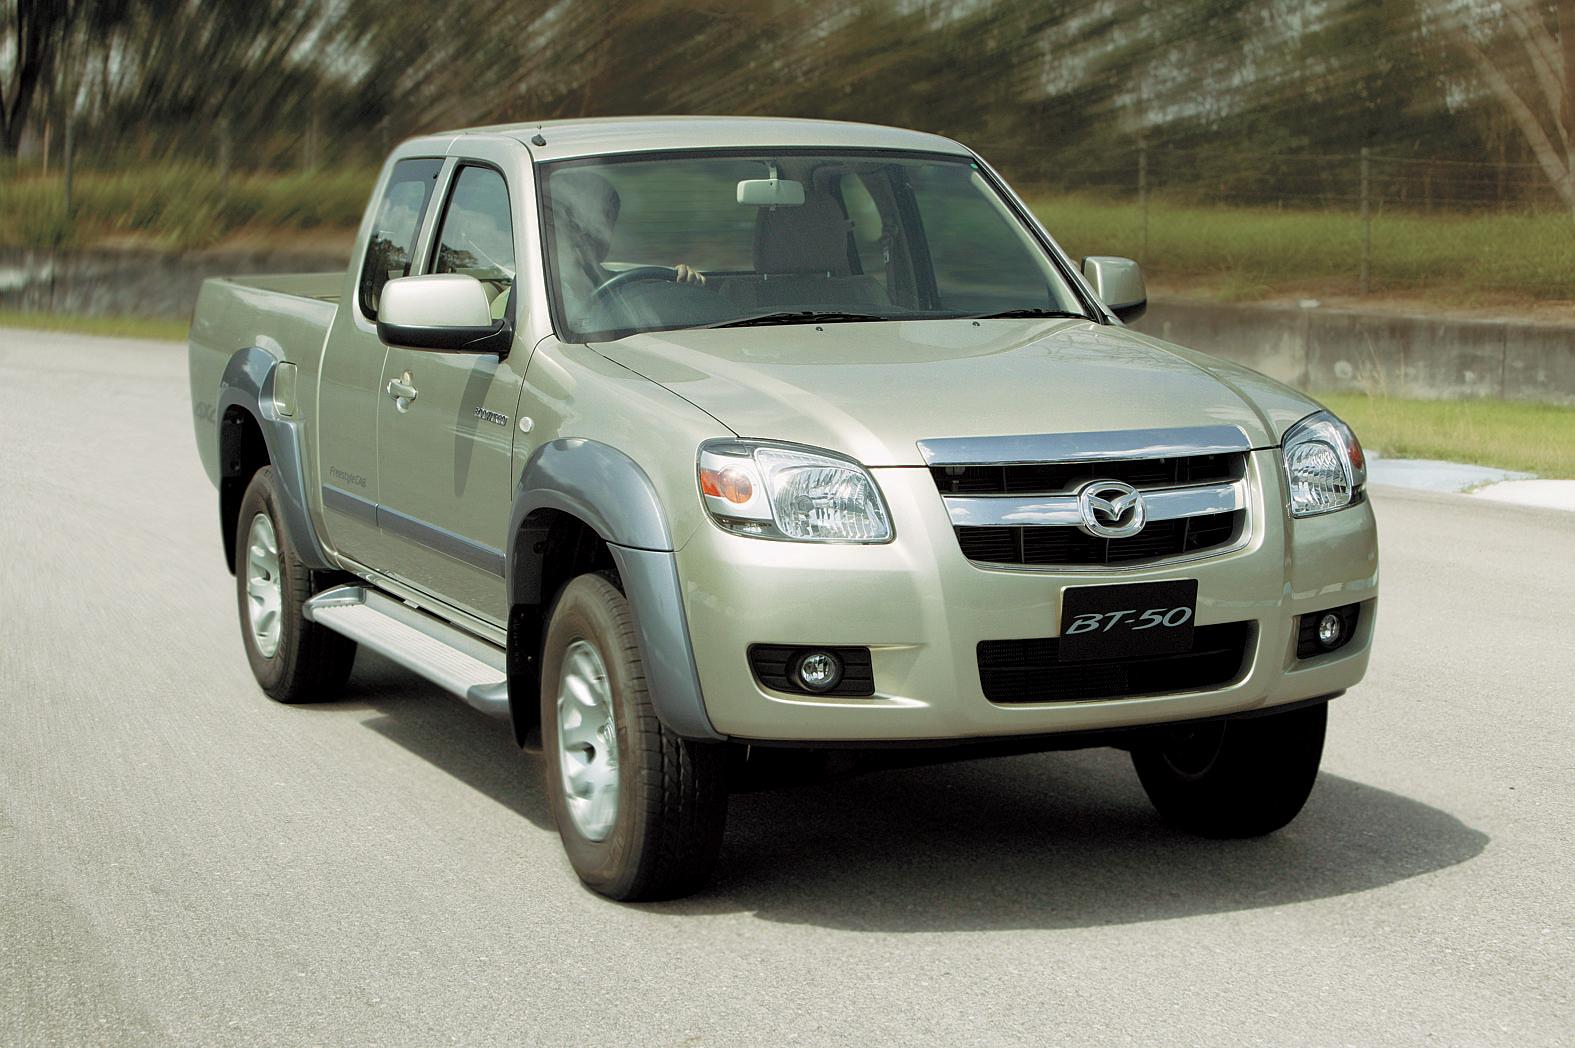 https://www.automobilesreview.com/img/mazda-bt-50-new/2006-mazda-bt-50-10.jpg